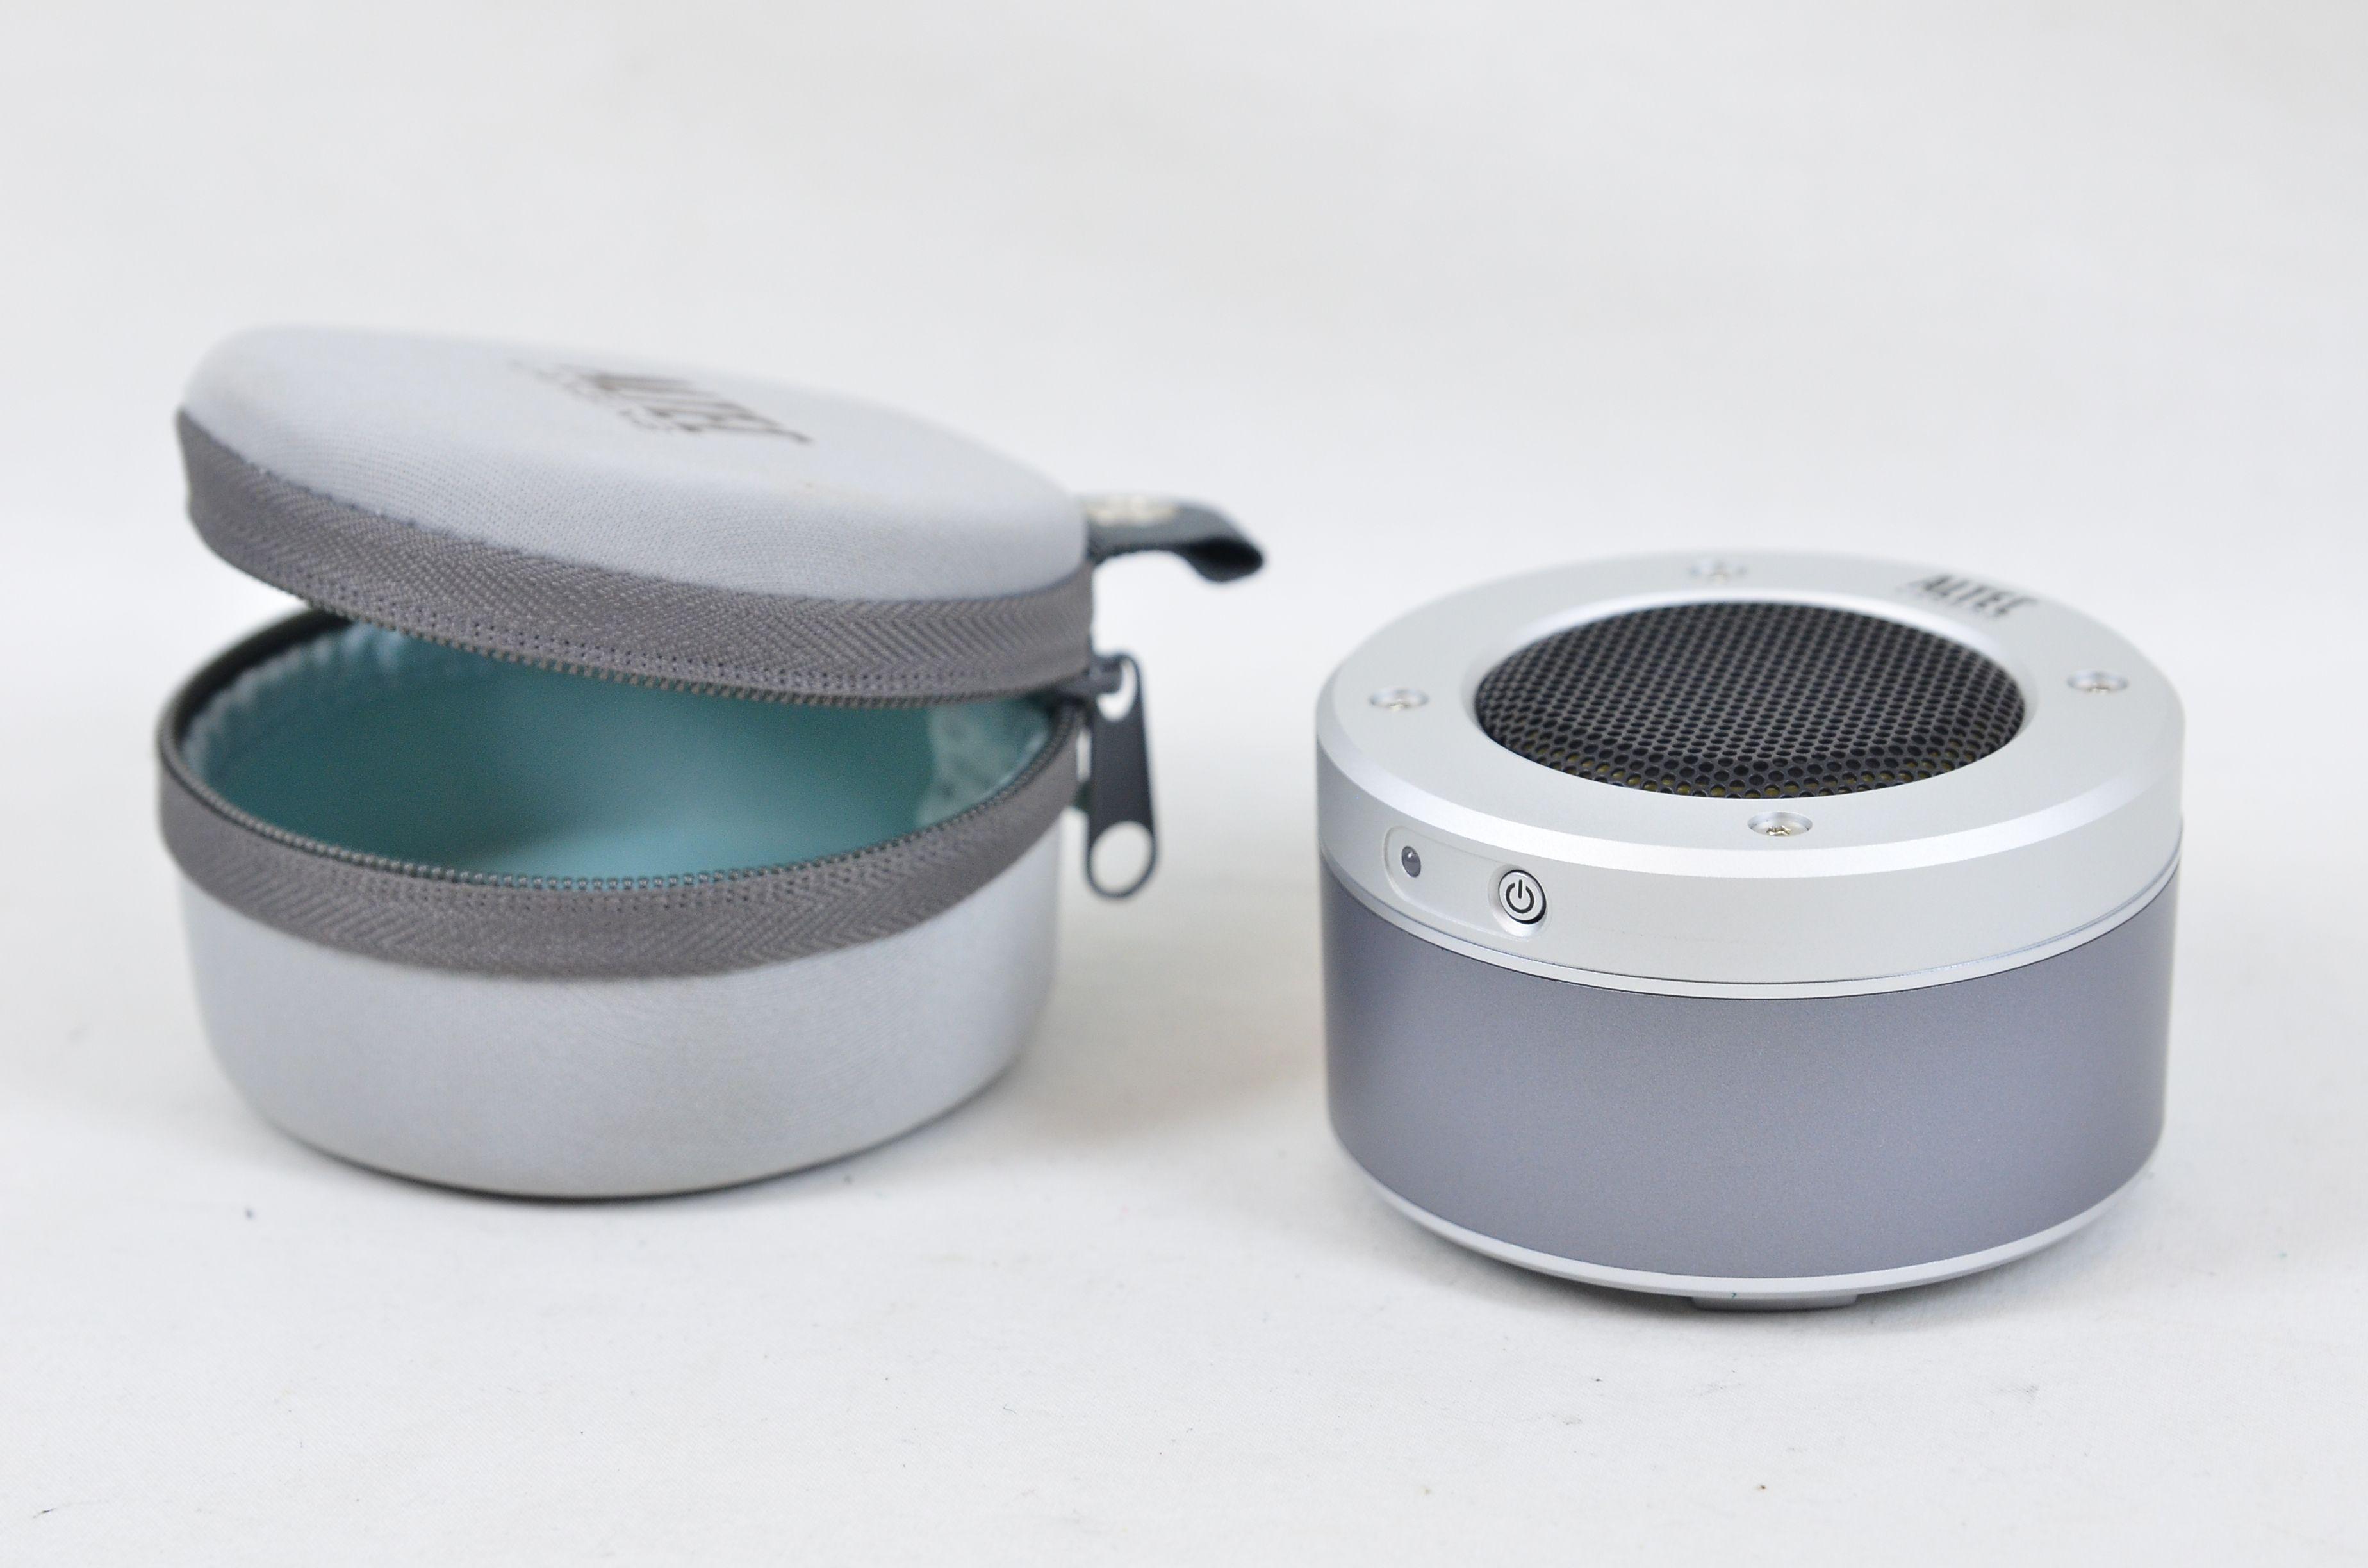 Altec Lansing iM-237 Orbit Portable Speaker for MP3 Players - Silver Thumbnail 1